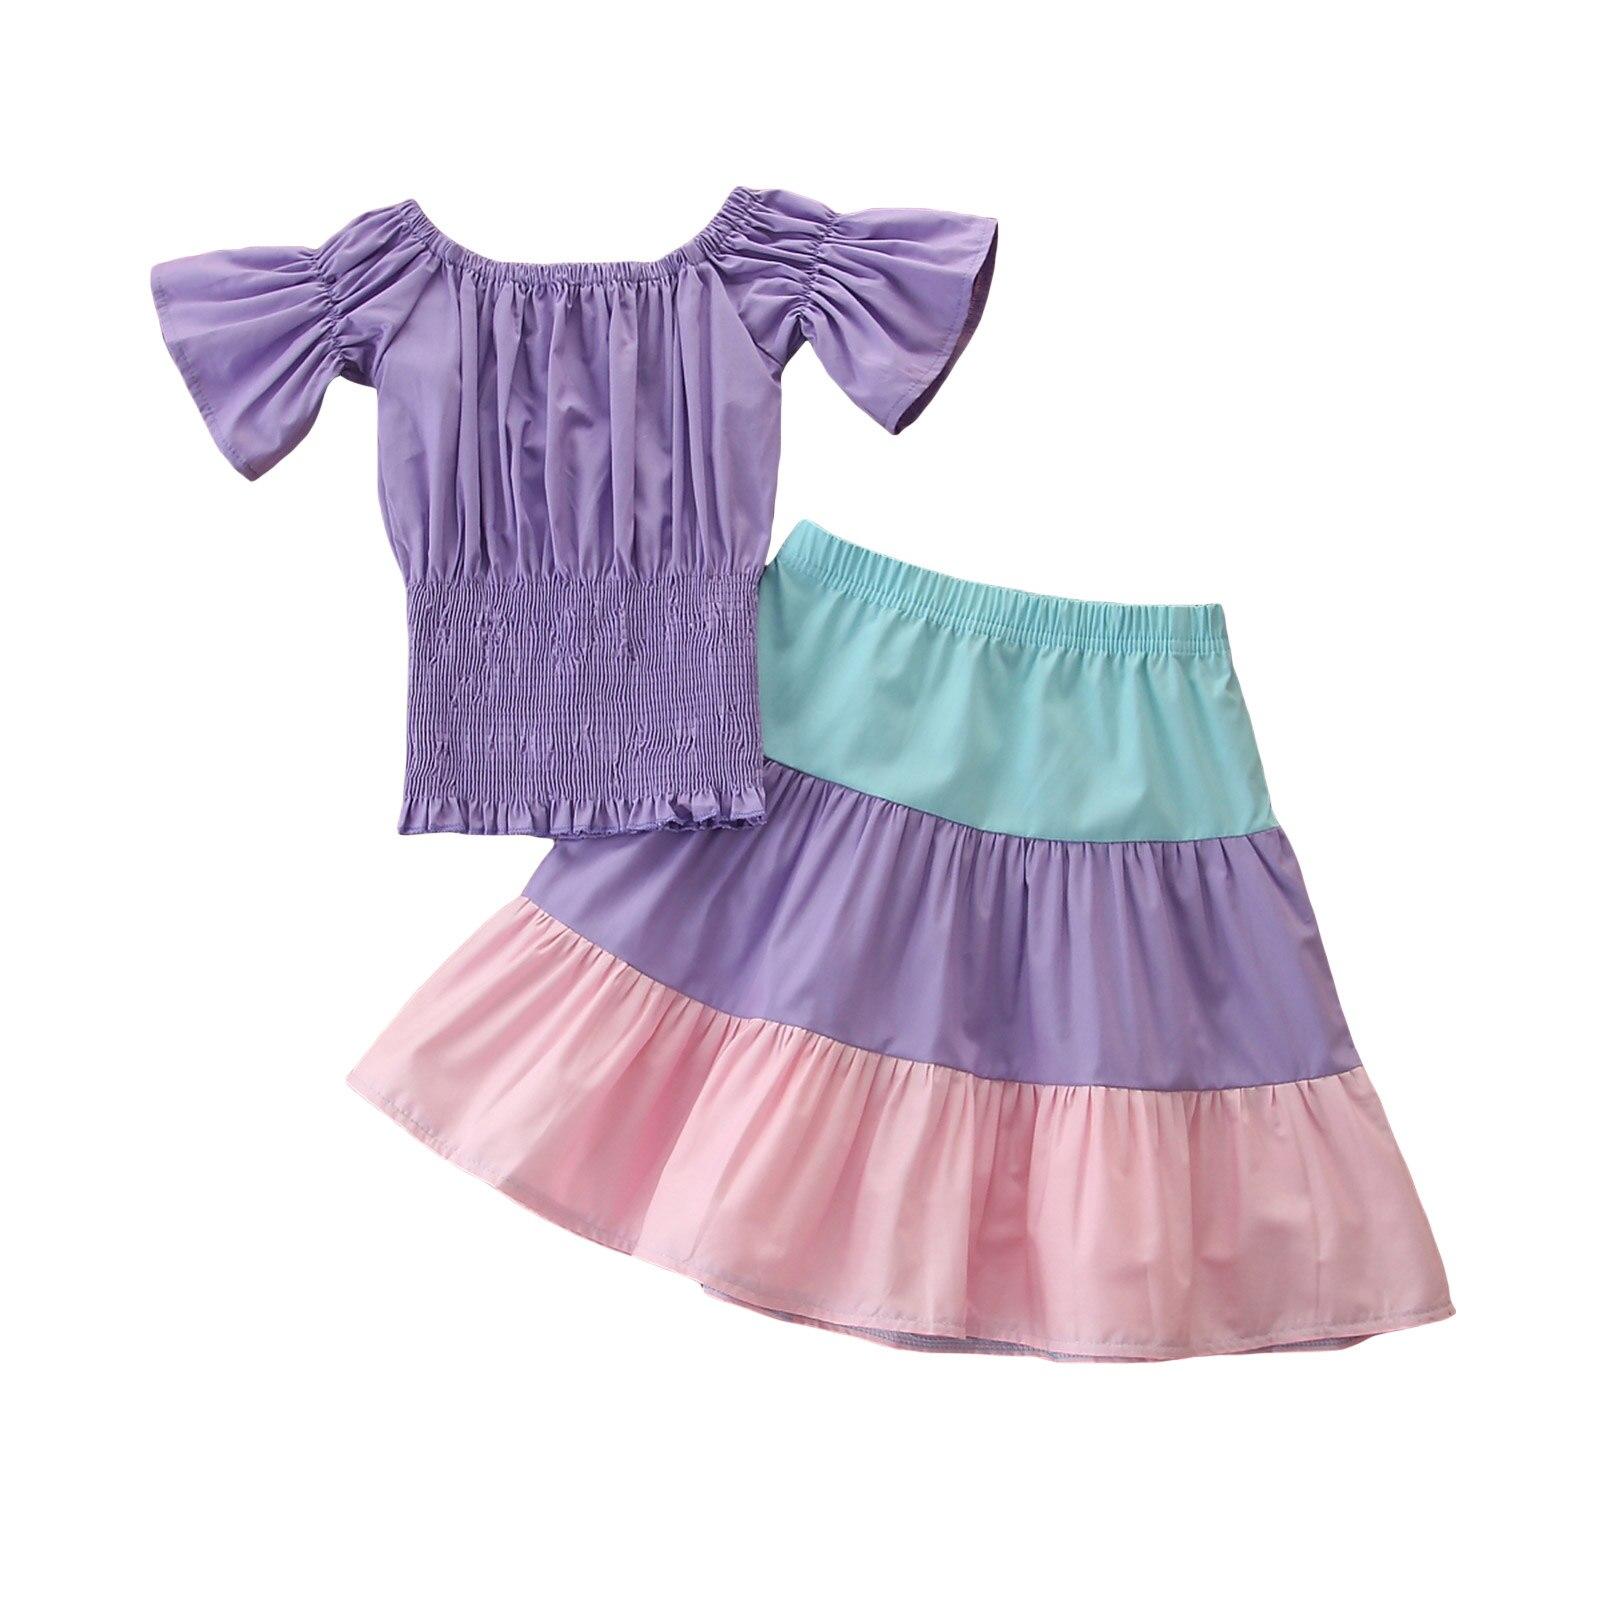 1-6Y été infantile enfants filles vacances vêtements ensembles épaules nues solide pansement à manches courtes hauts arc-en-ciel rayé jupes